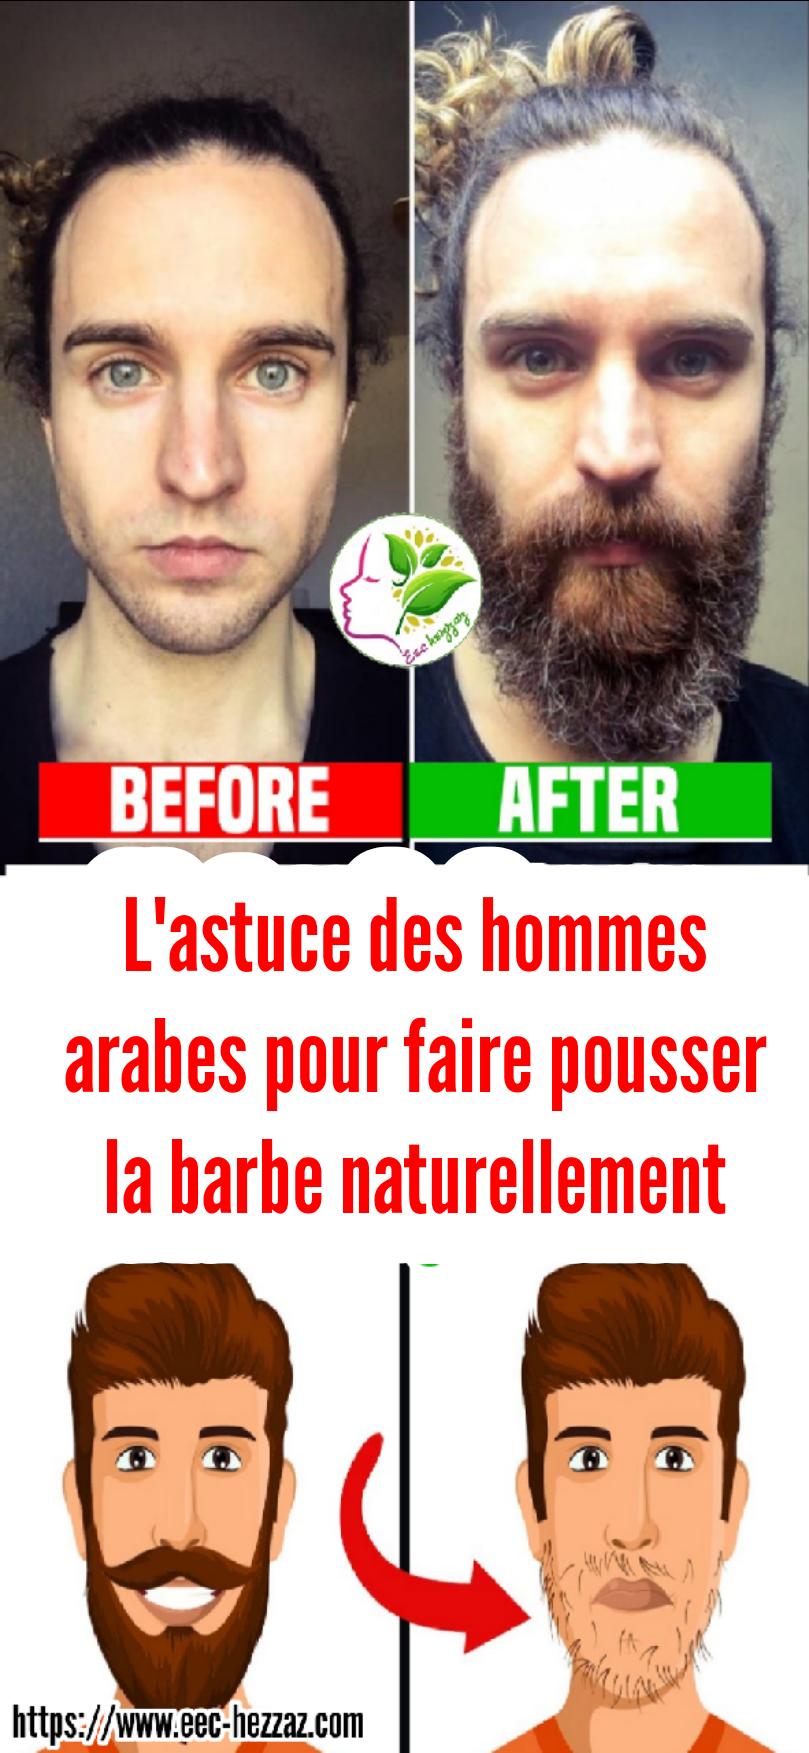 L'astuce des hommes arabes pour faire pousser la barbe naturellement